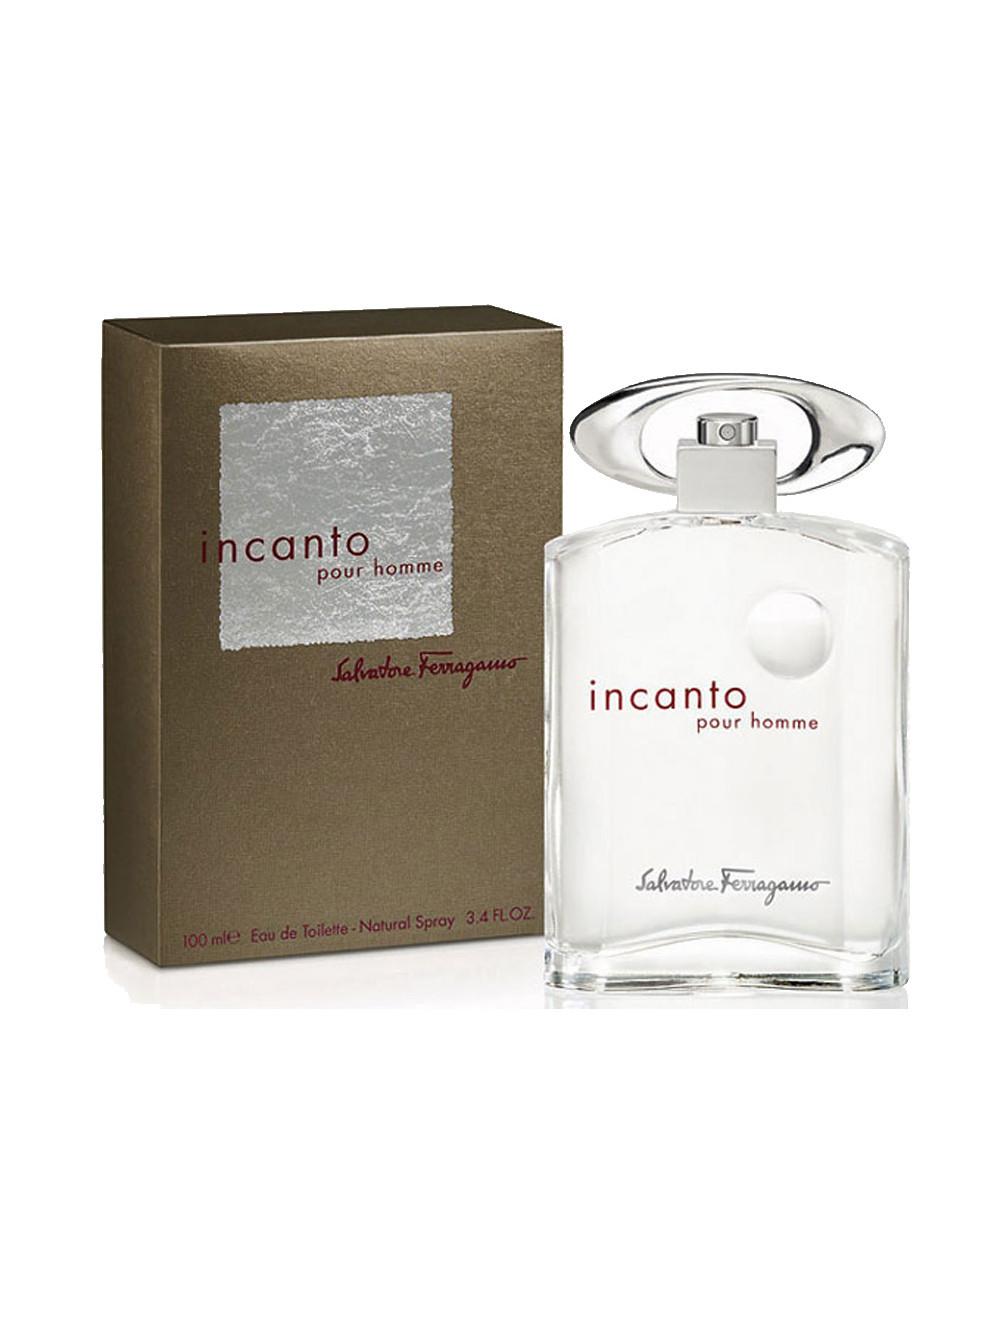 b6b7277d3c3 Incanto - Salvatore Ferragamo parfum homme pas cher frais sensuel boisé. Loading  zoom